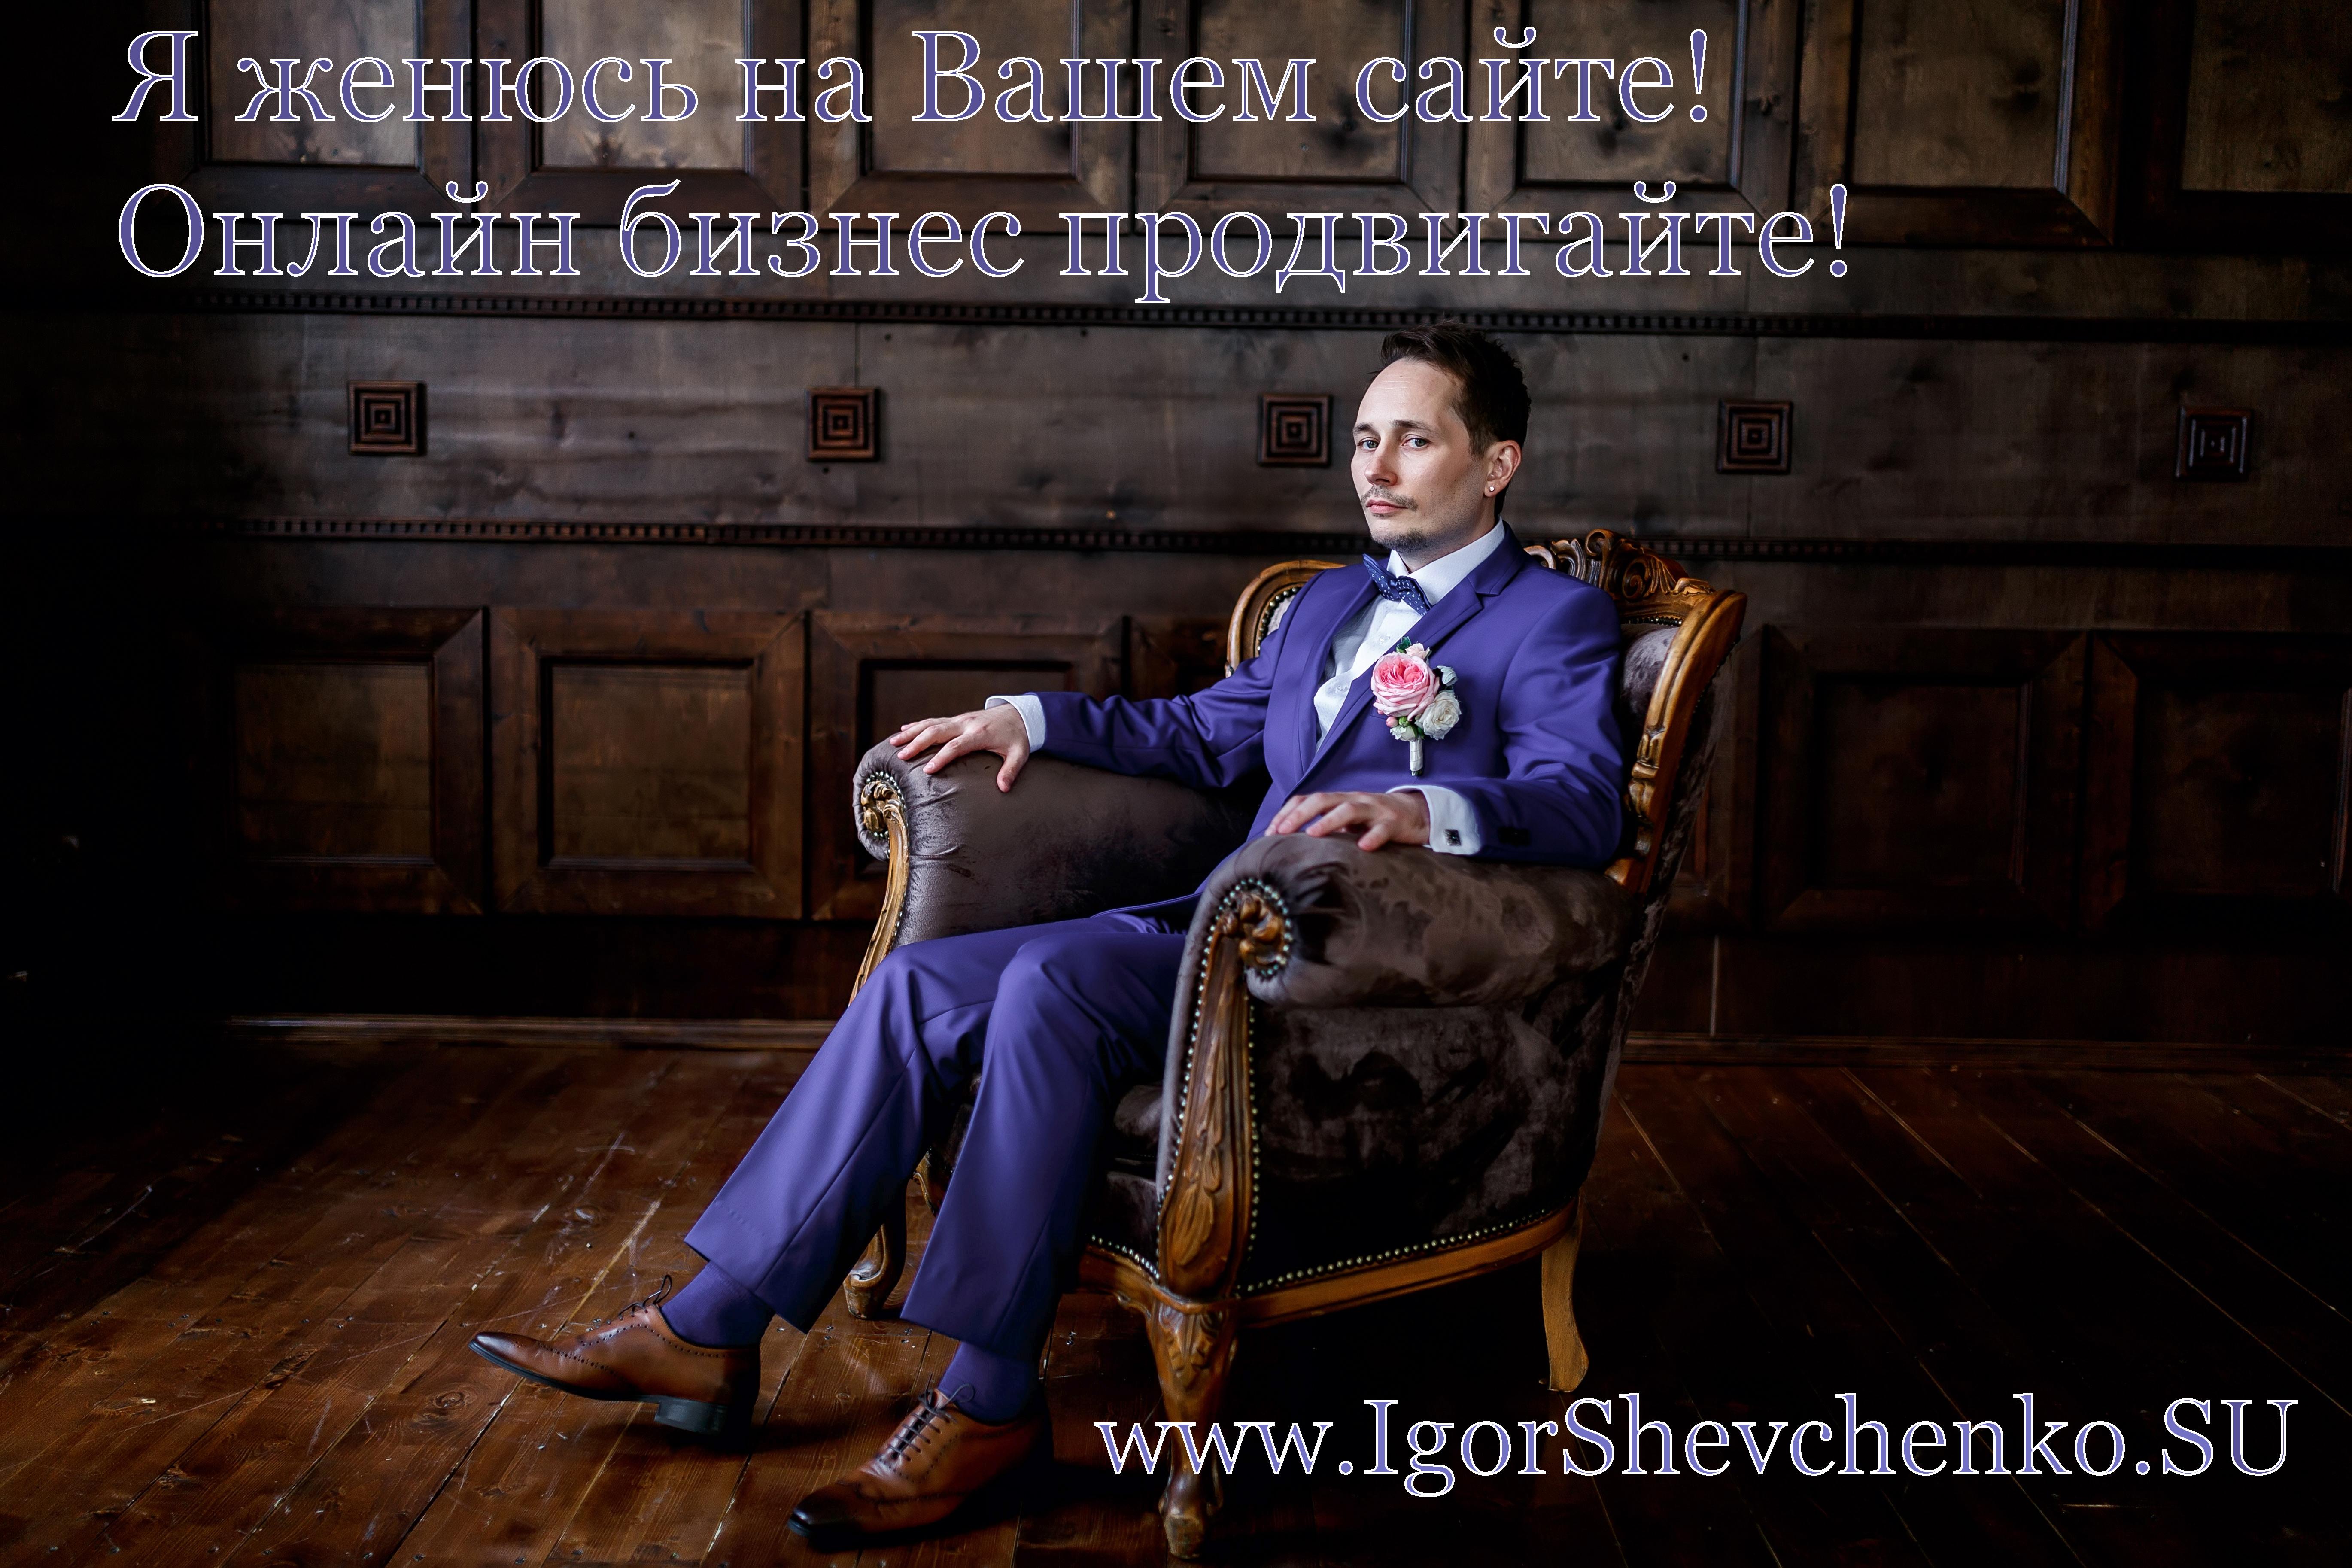 Шевченко SEO Игорь интернет-маркетолог